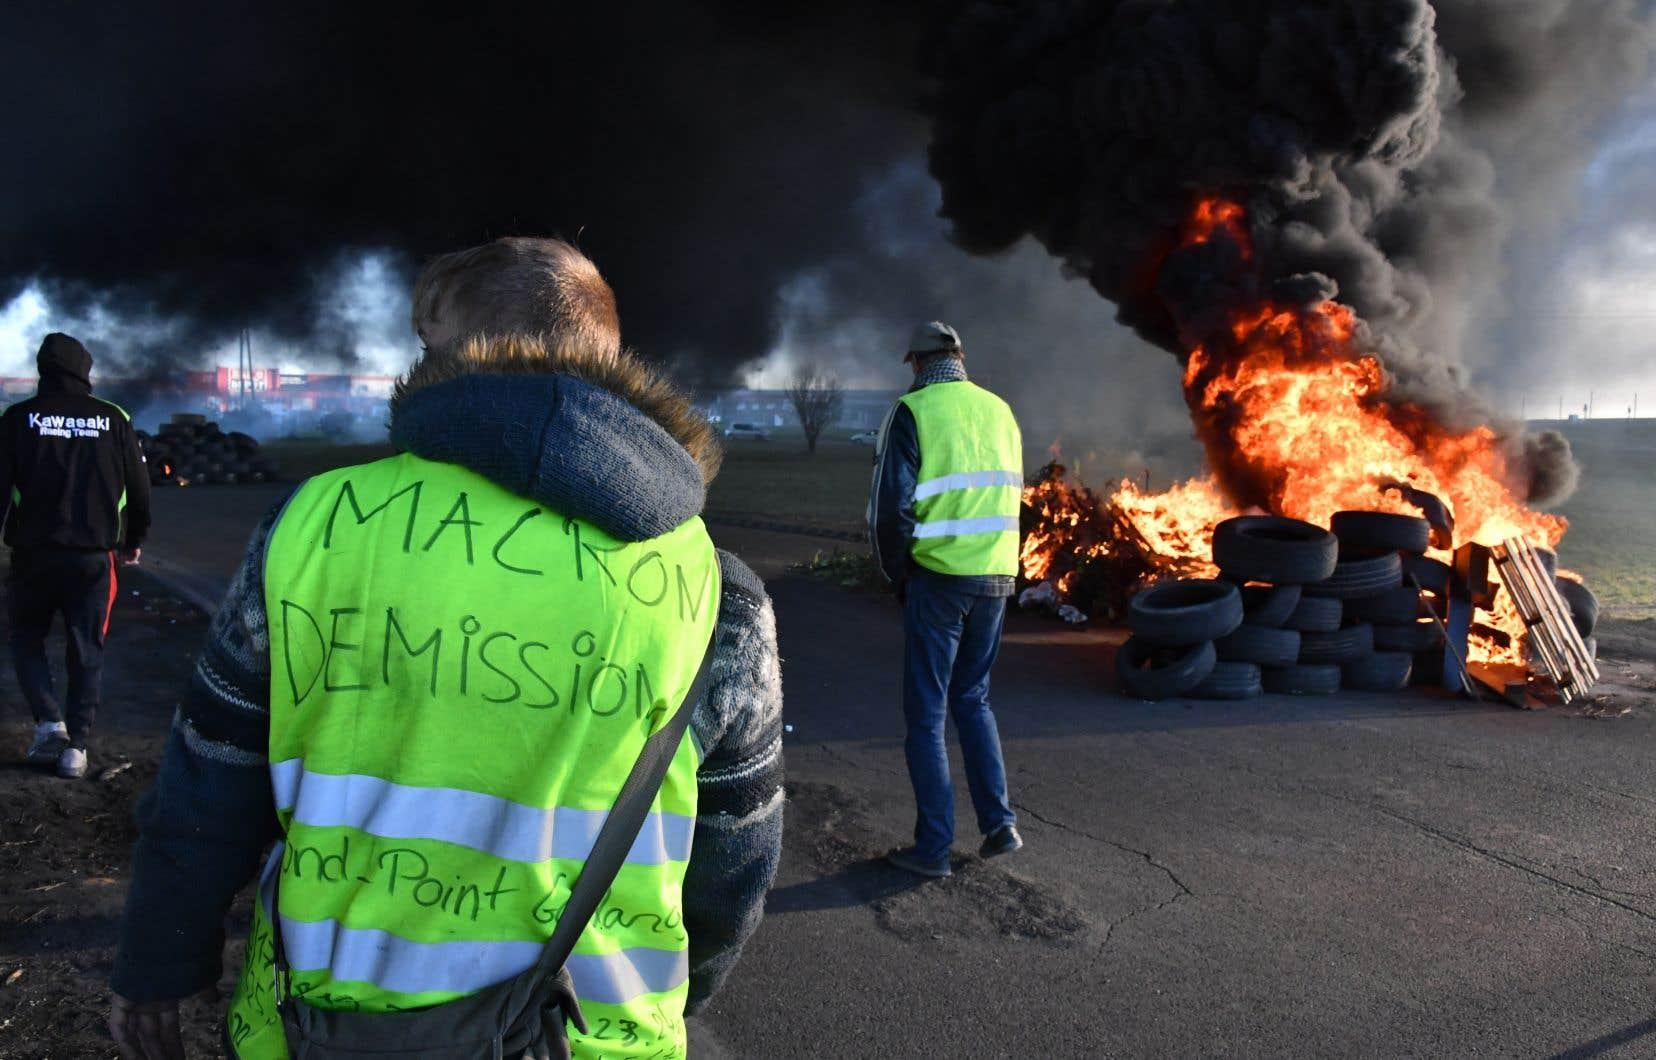 Les «gilets jaunes» poursuivaient leurs opérations de blocages et manifestations sur les routes et les ronds-points à travers la France mardi, avec plus de 10000 manifestants mobilisés, selon le ministère de l'Intérieur.